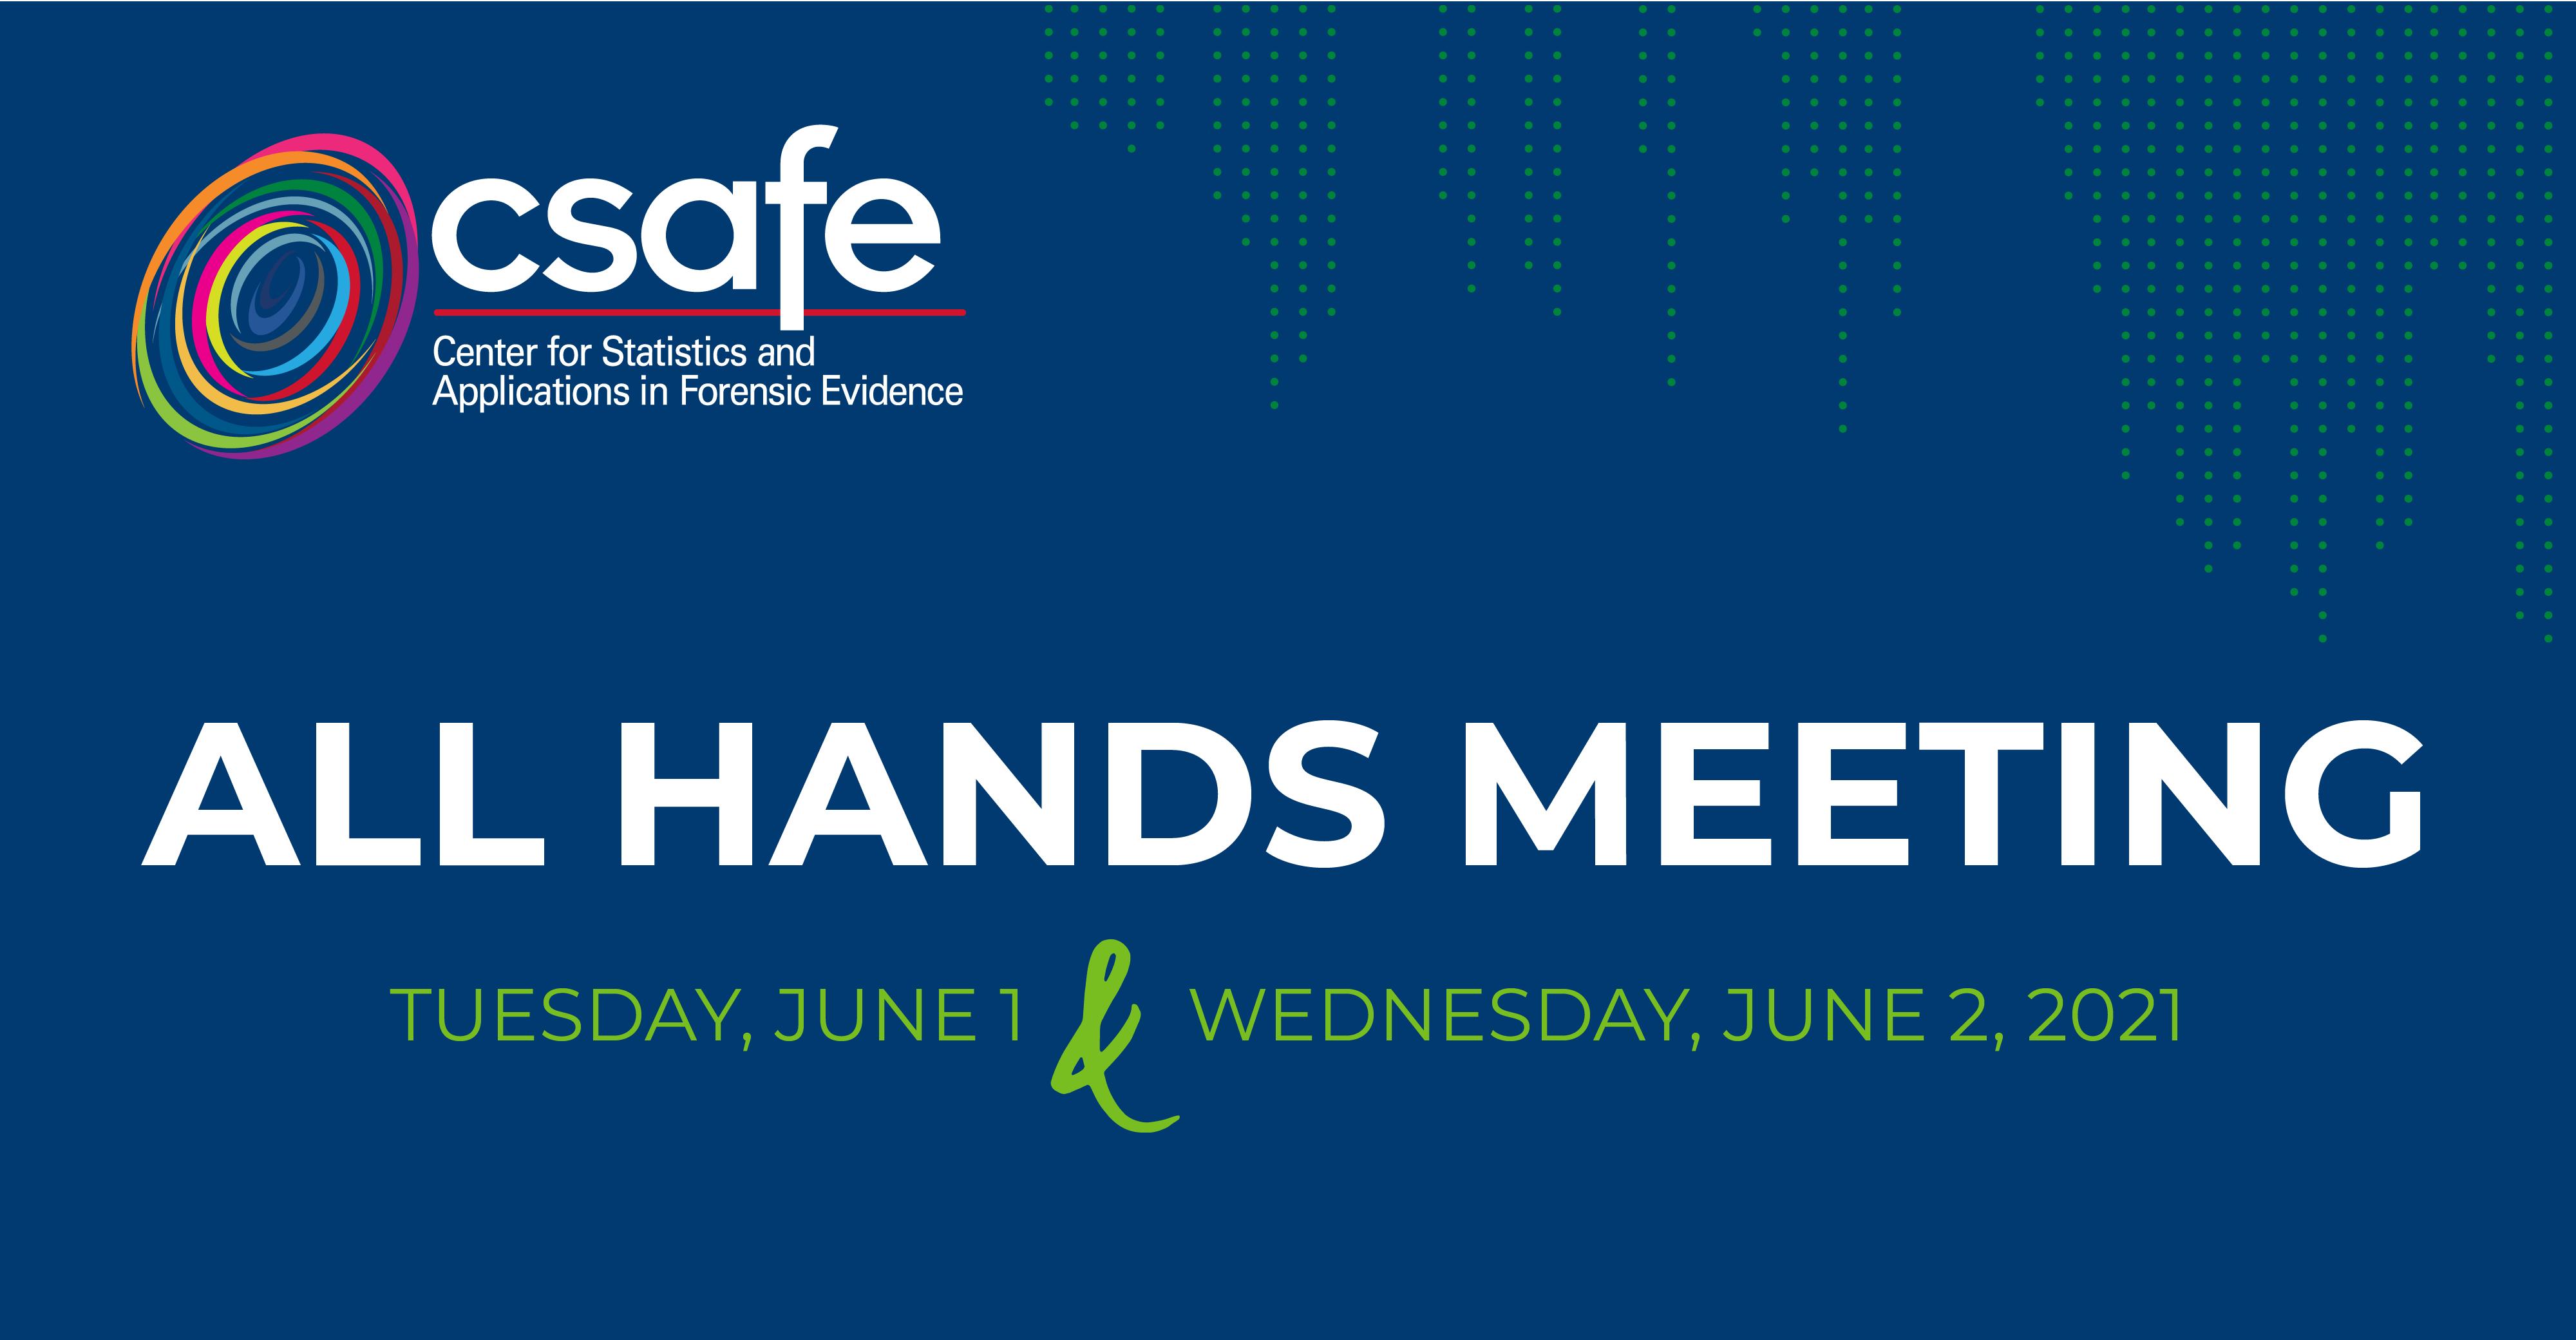 2021 CSAFE All Hands Meeting